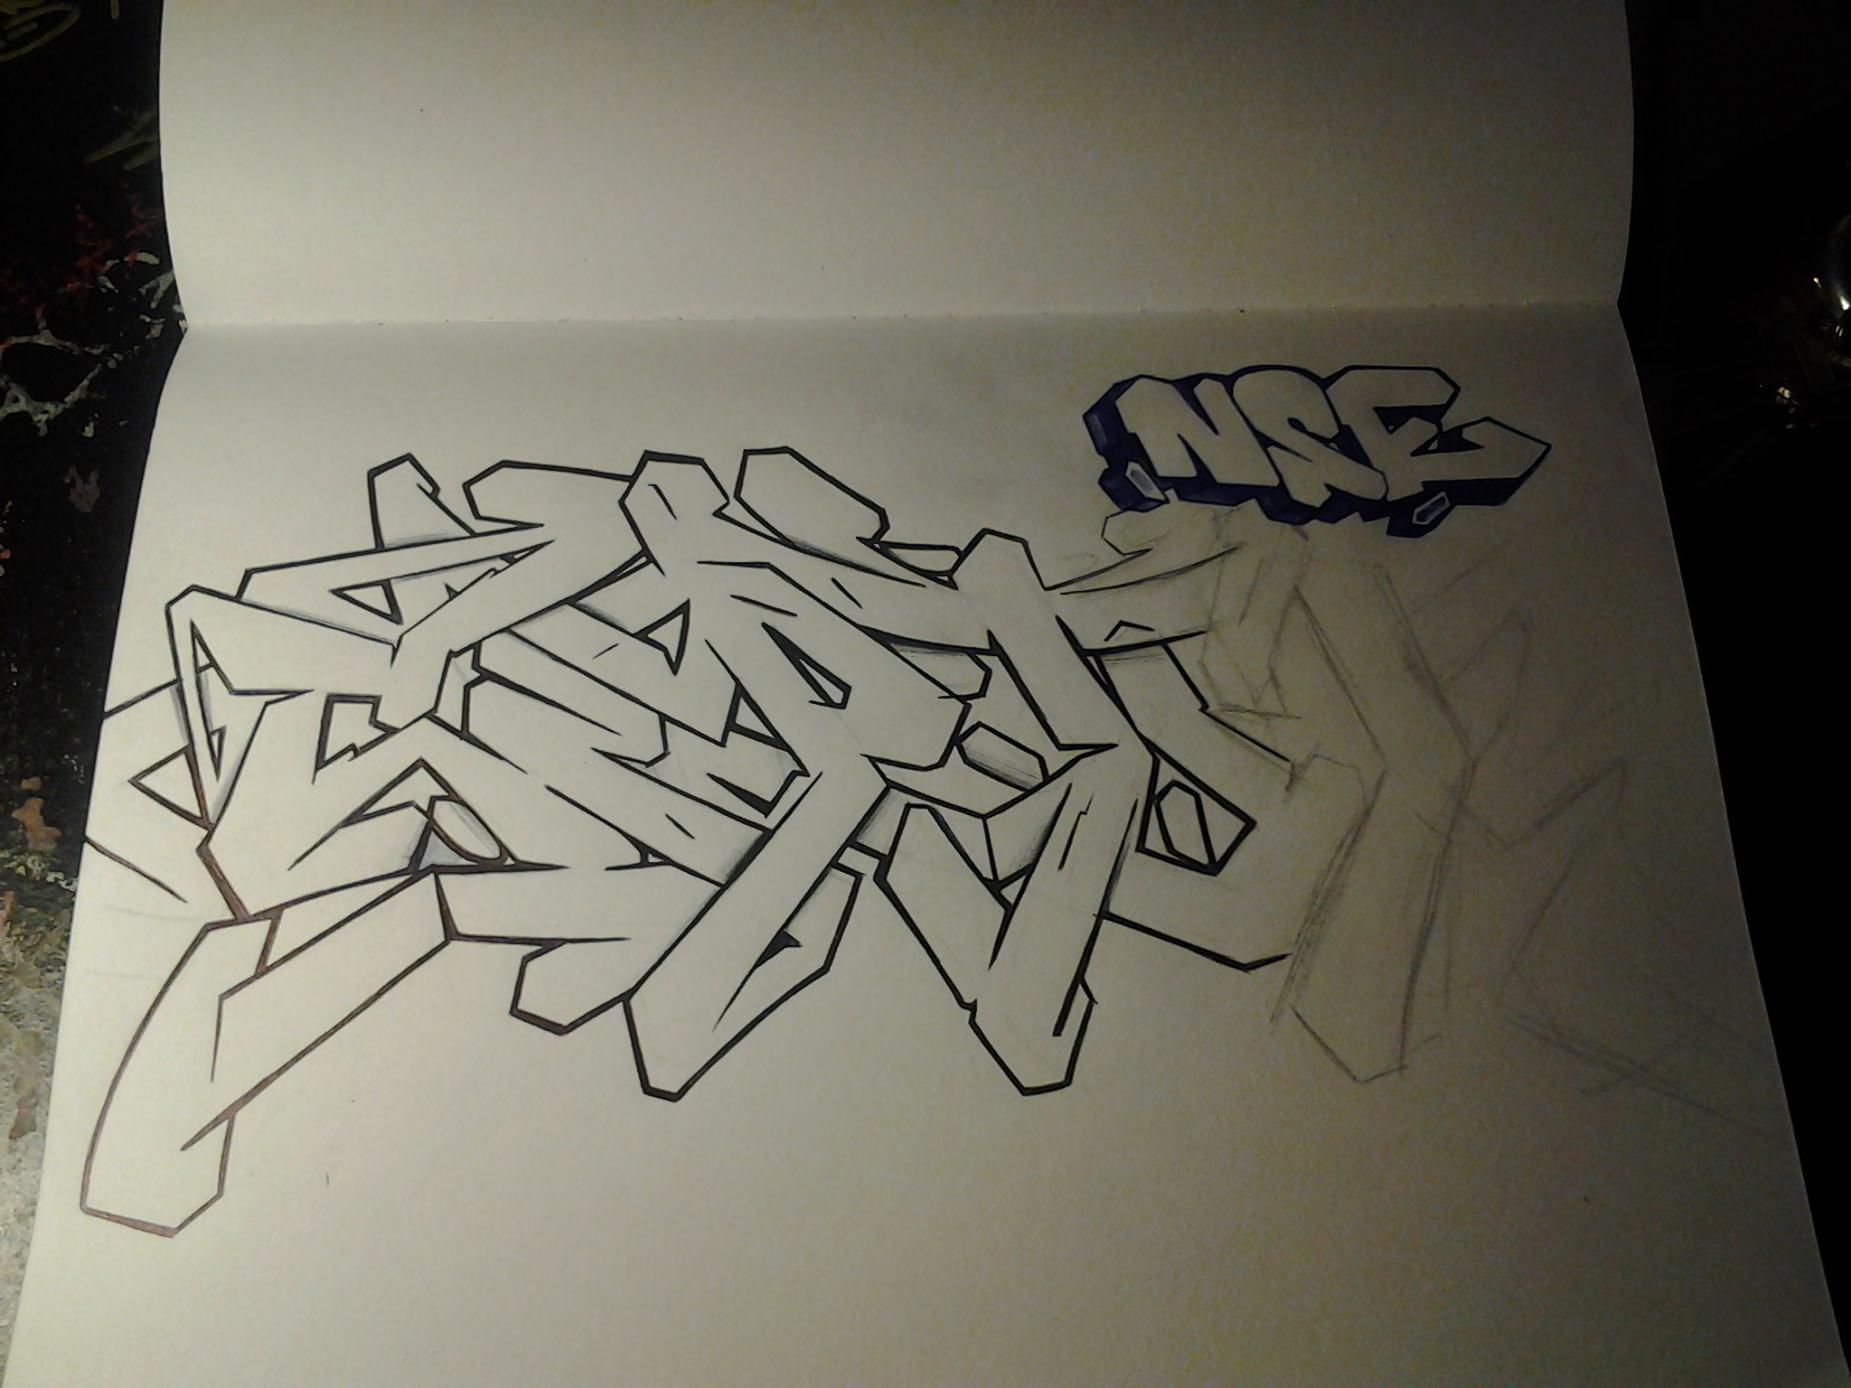 20121210_184241.jpg